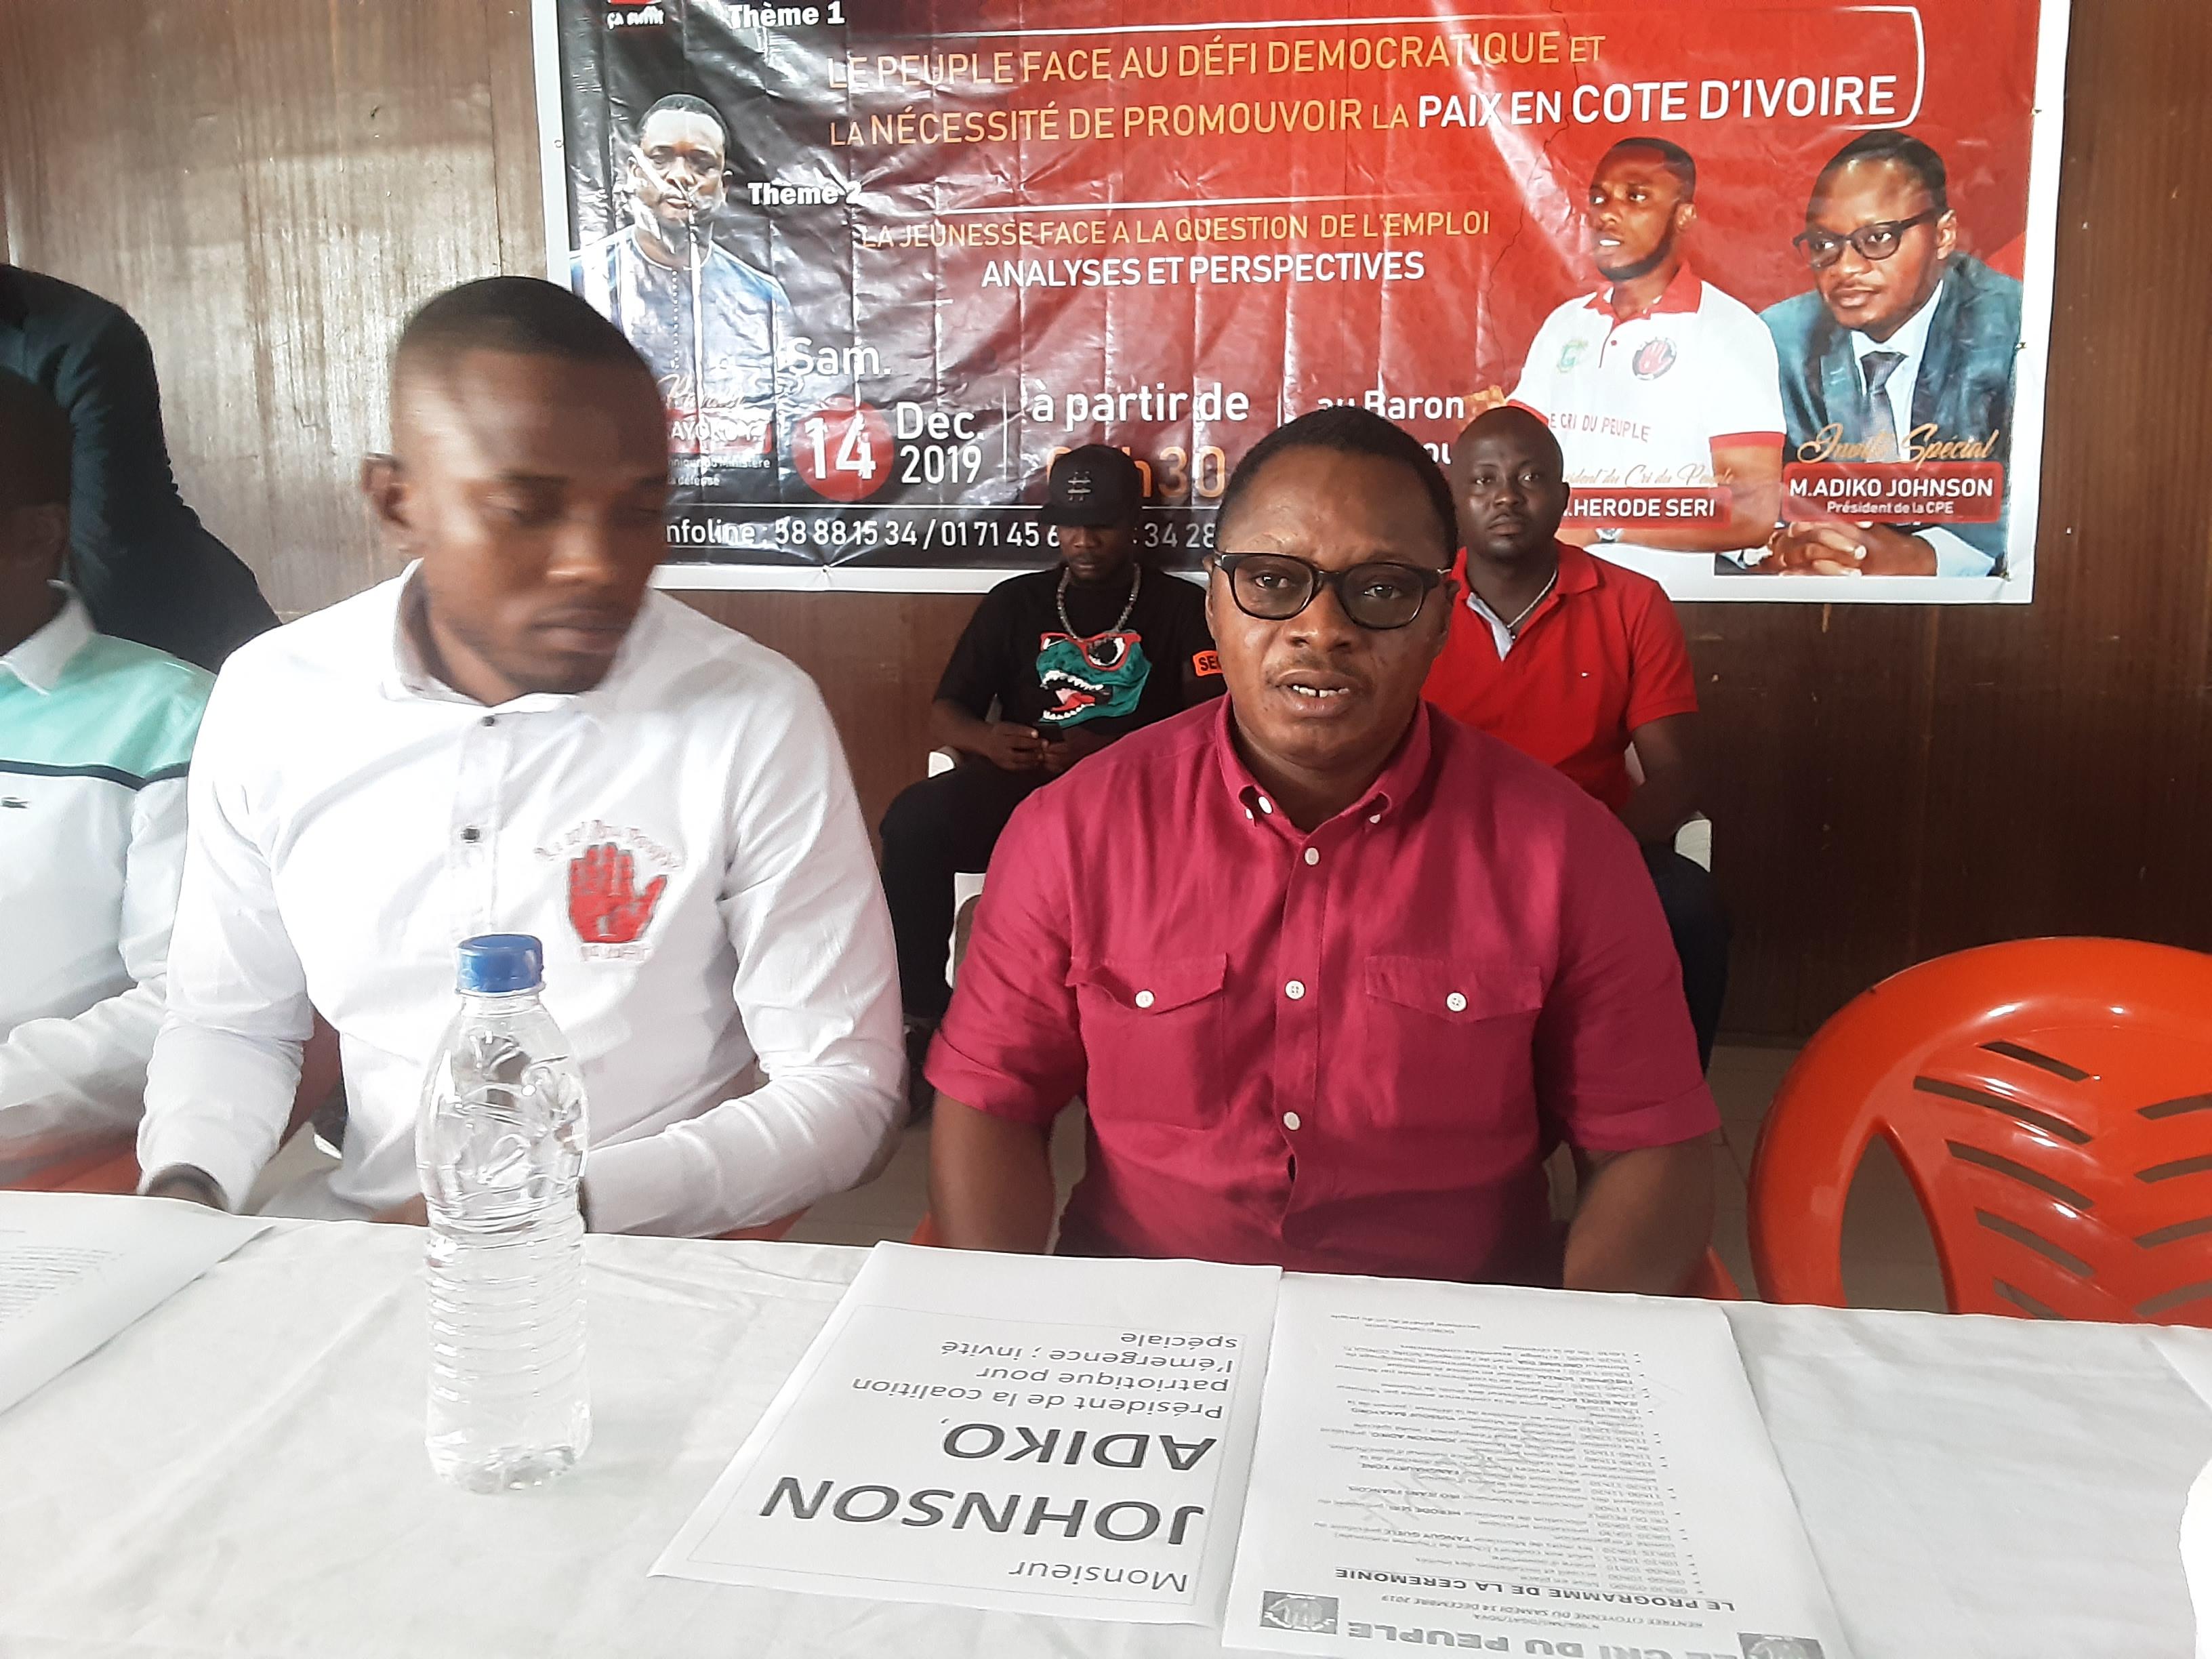 cote-divoire-des-mouvements-de-jeunes-disent-non-aux-alliances-politiques